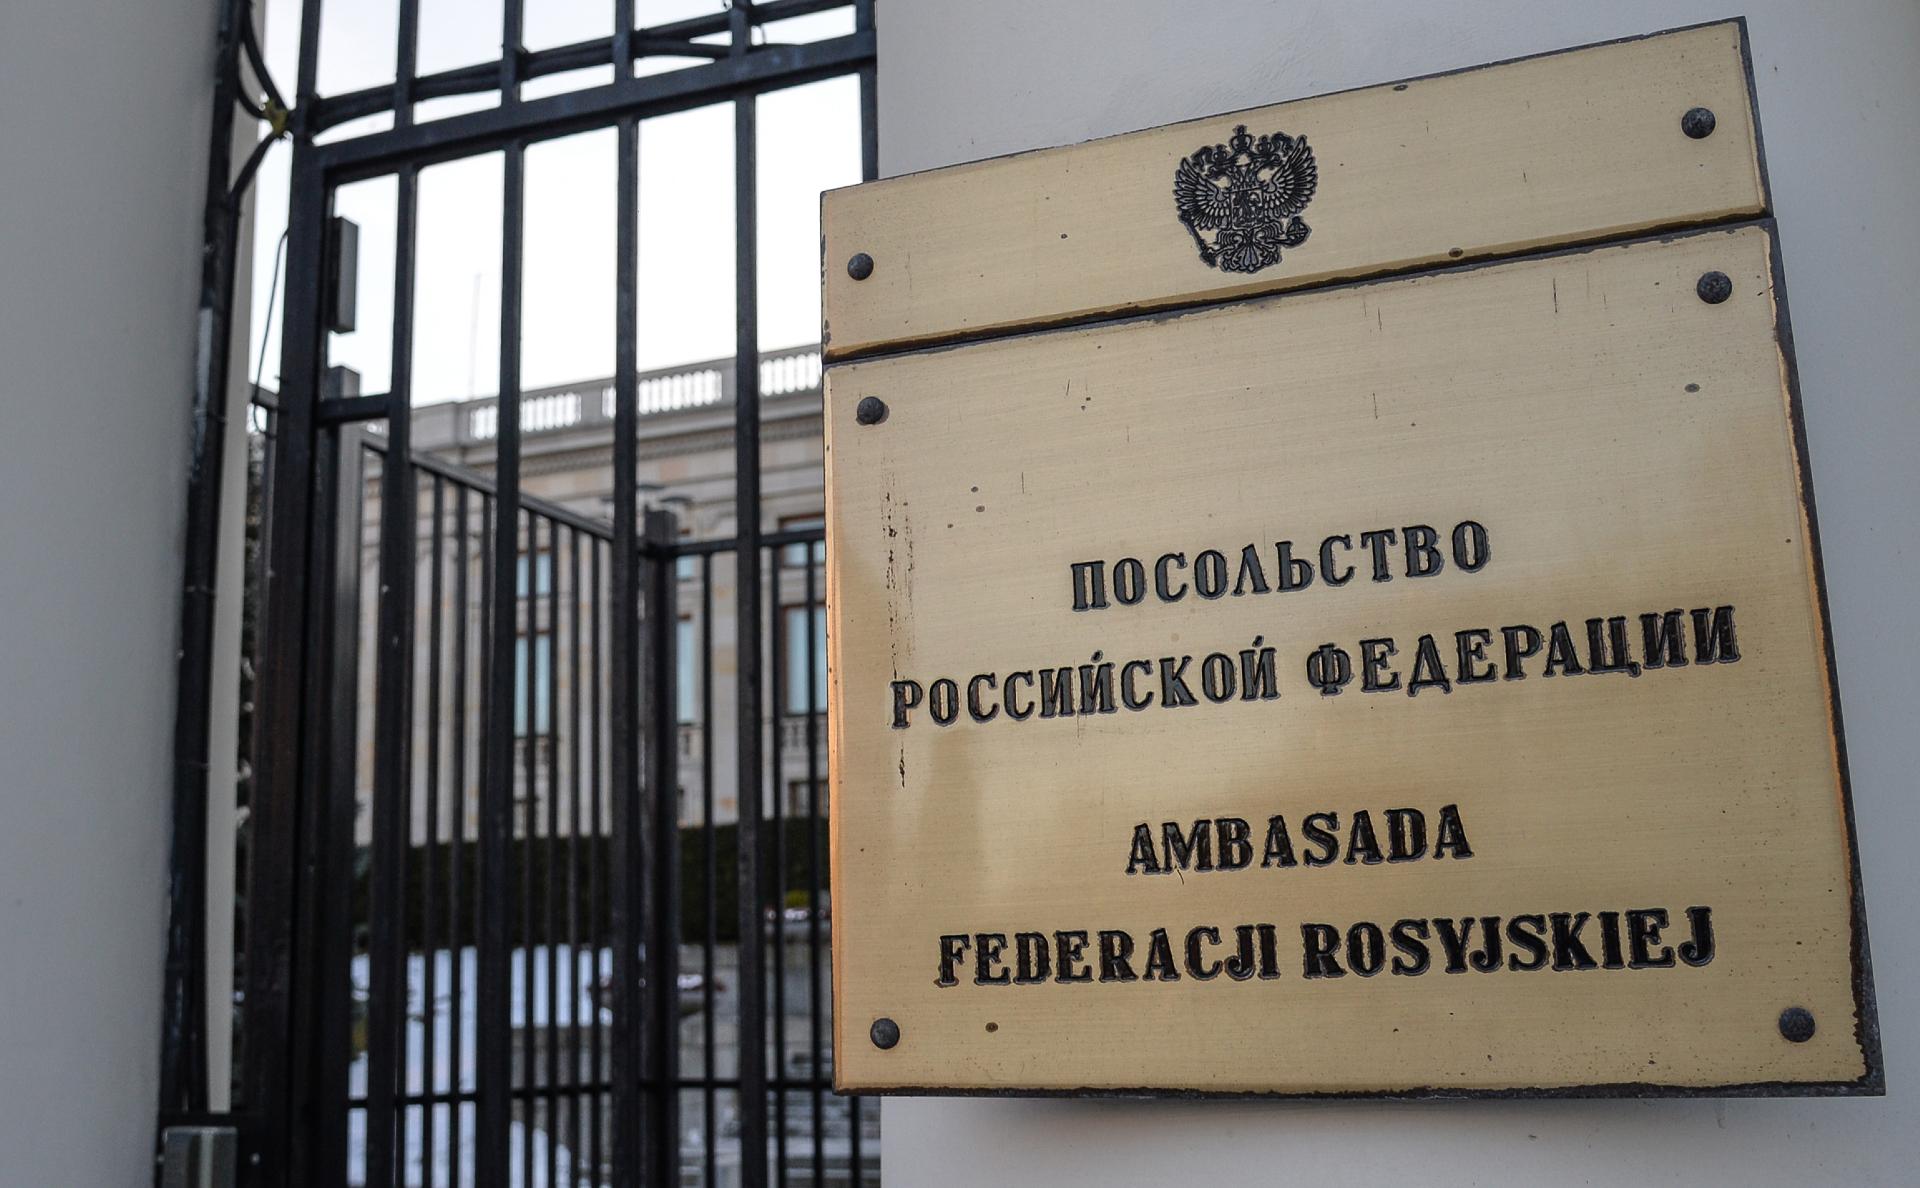 Фото: Алексей Витвицкий / РИА Новости